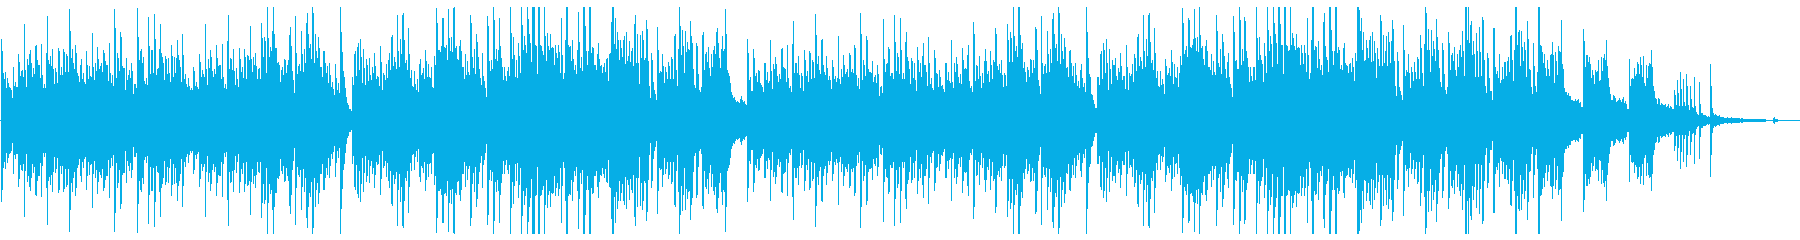 メローでクラシカルなピアノバラードの再生済みの波形